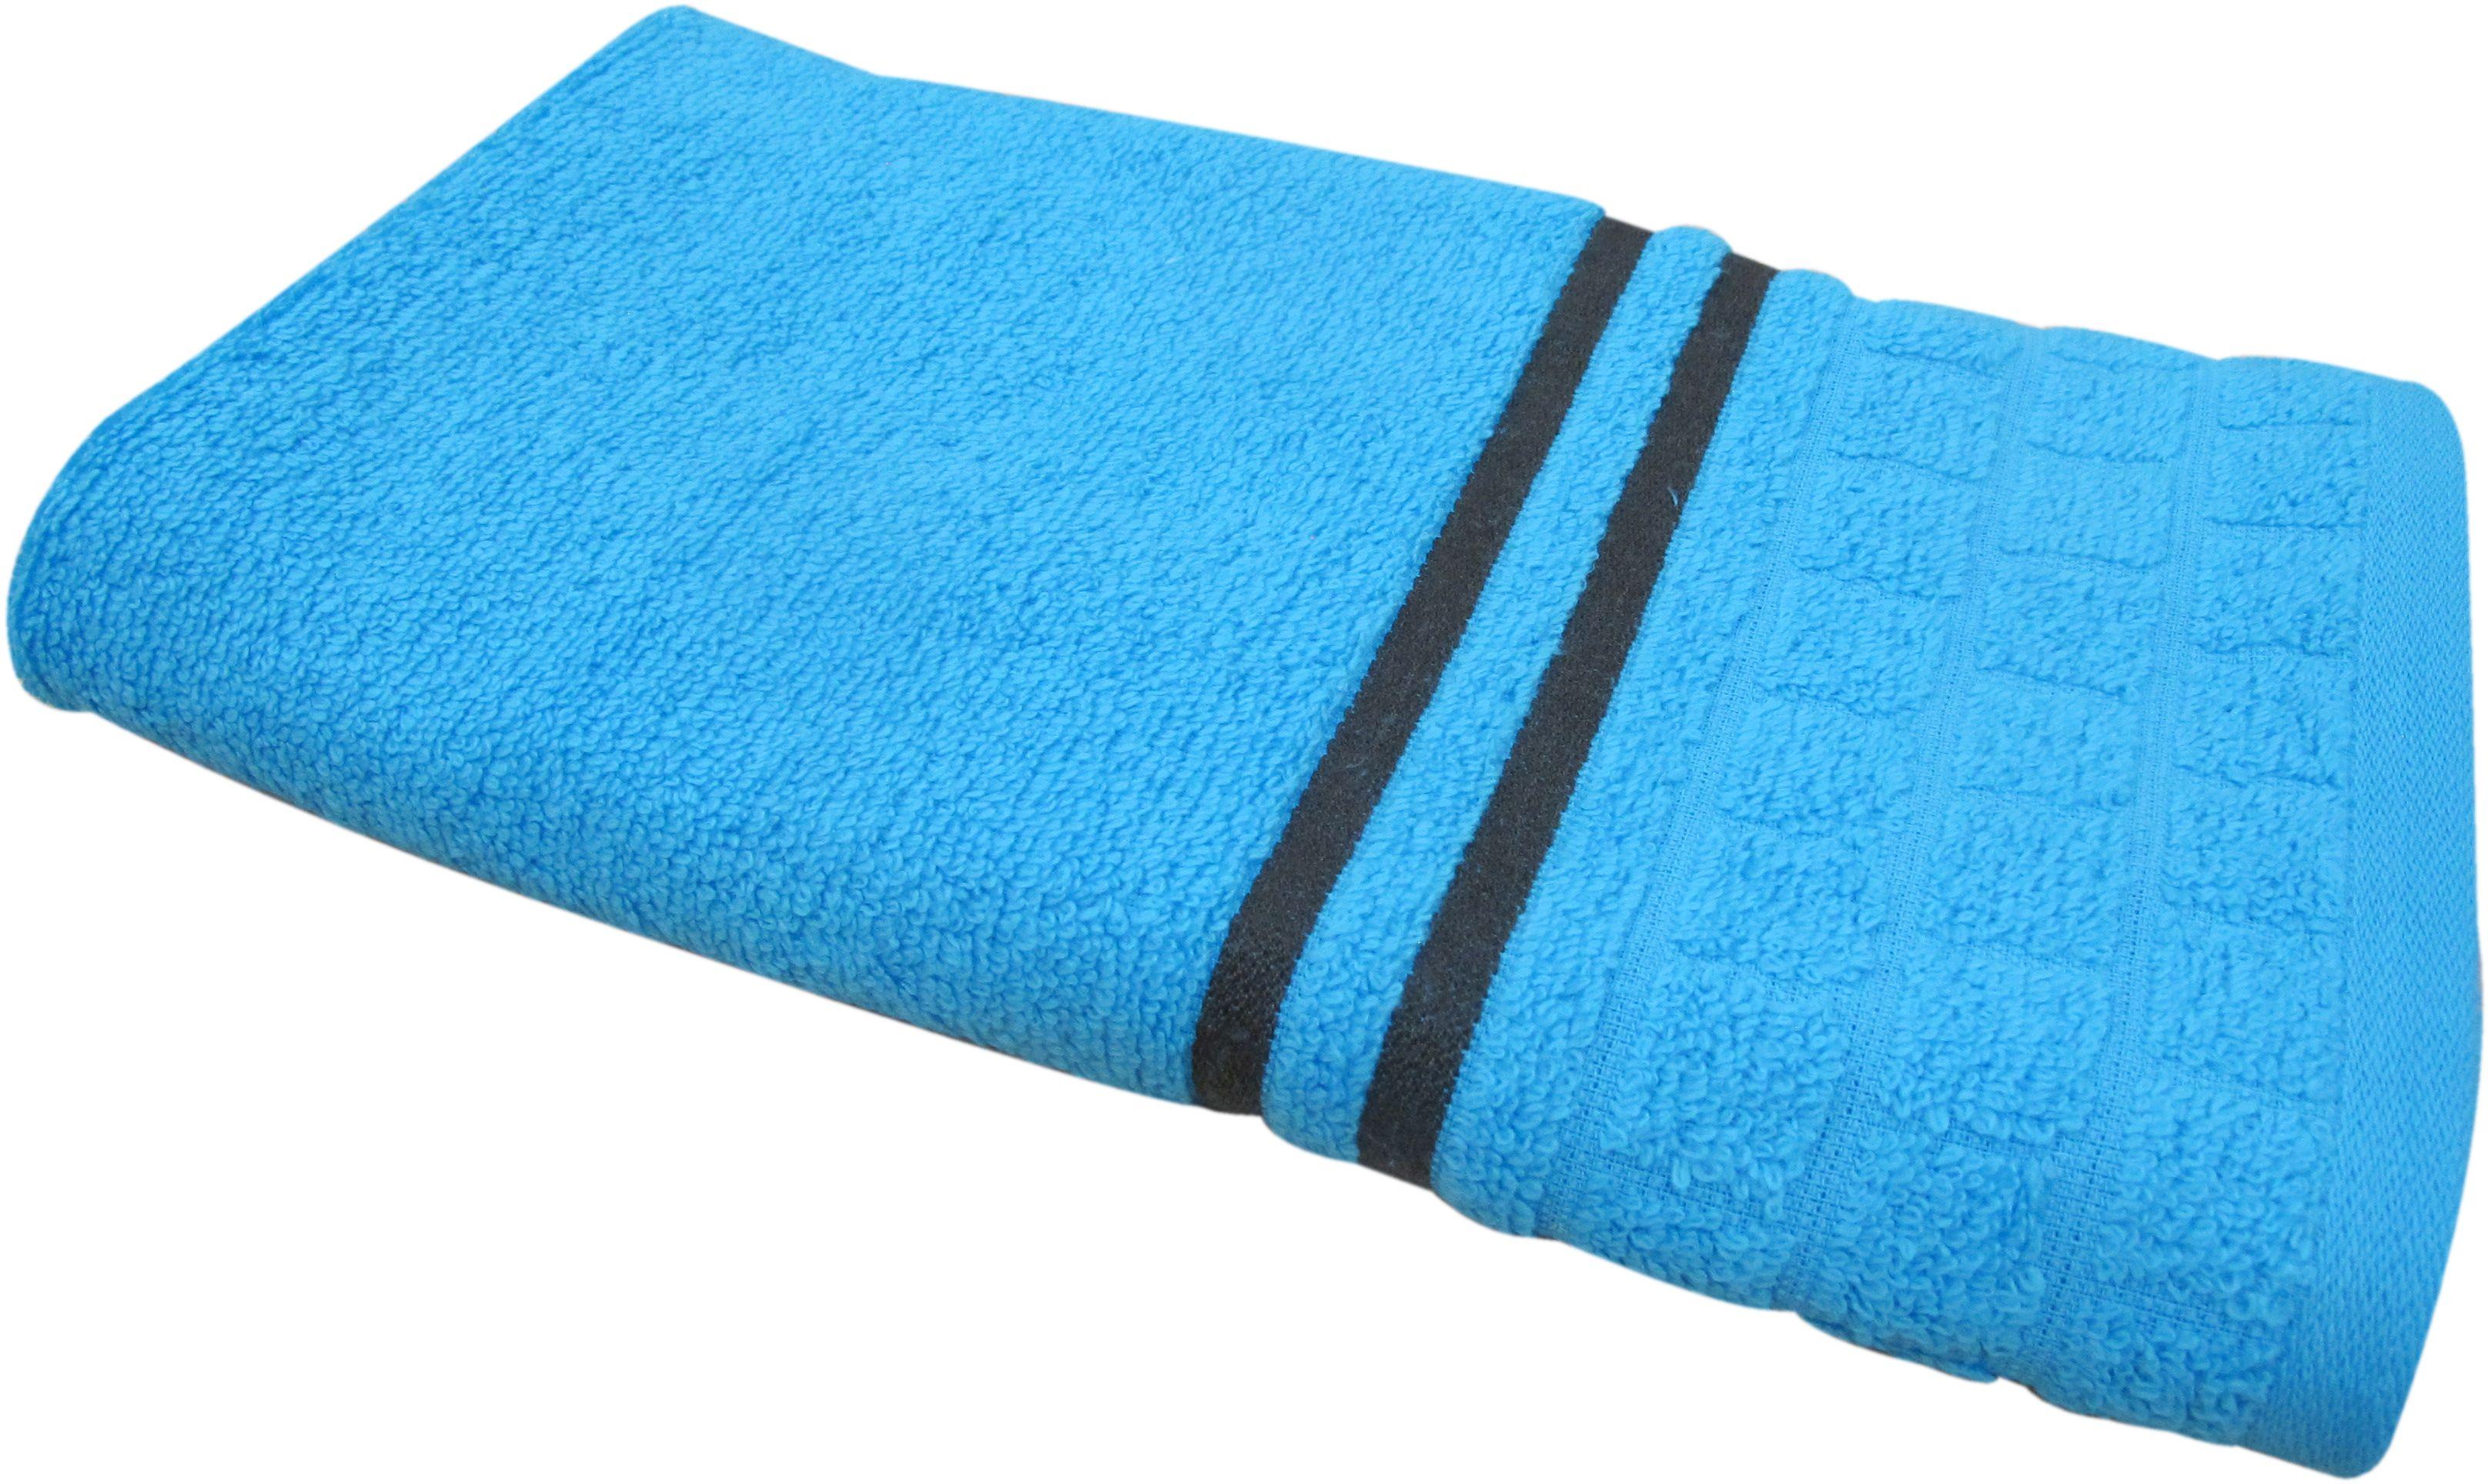 Полотенце махровое НВ Лана, цвет: синий, 50 х 90 см. м1009_0184550